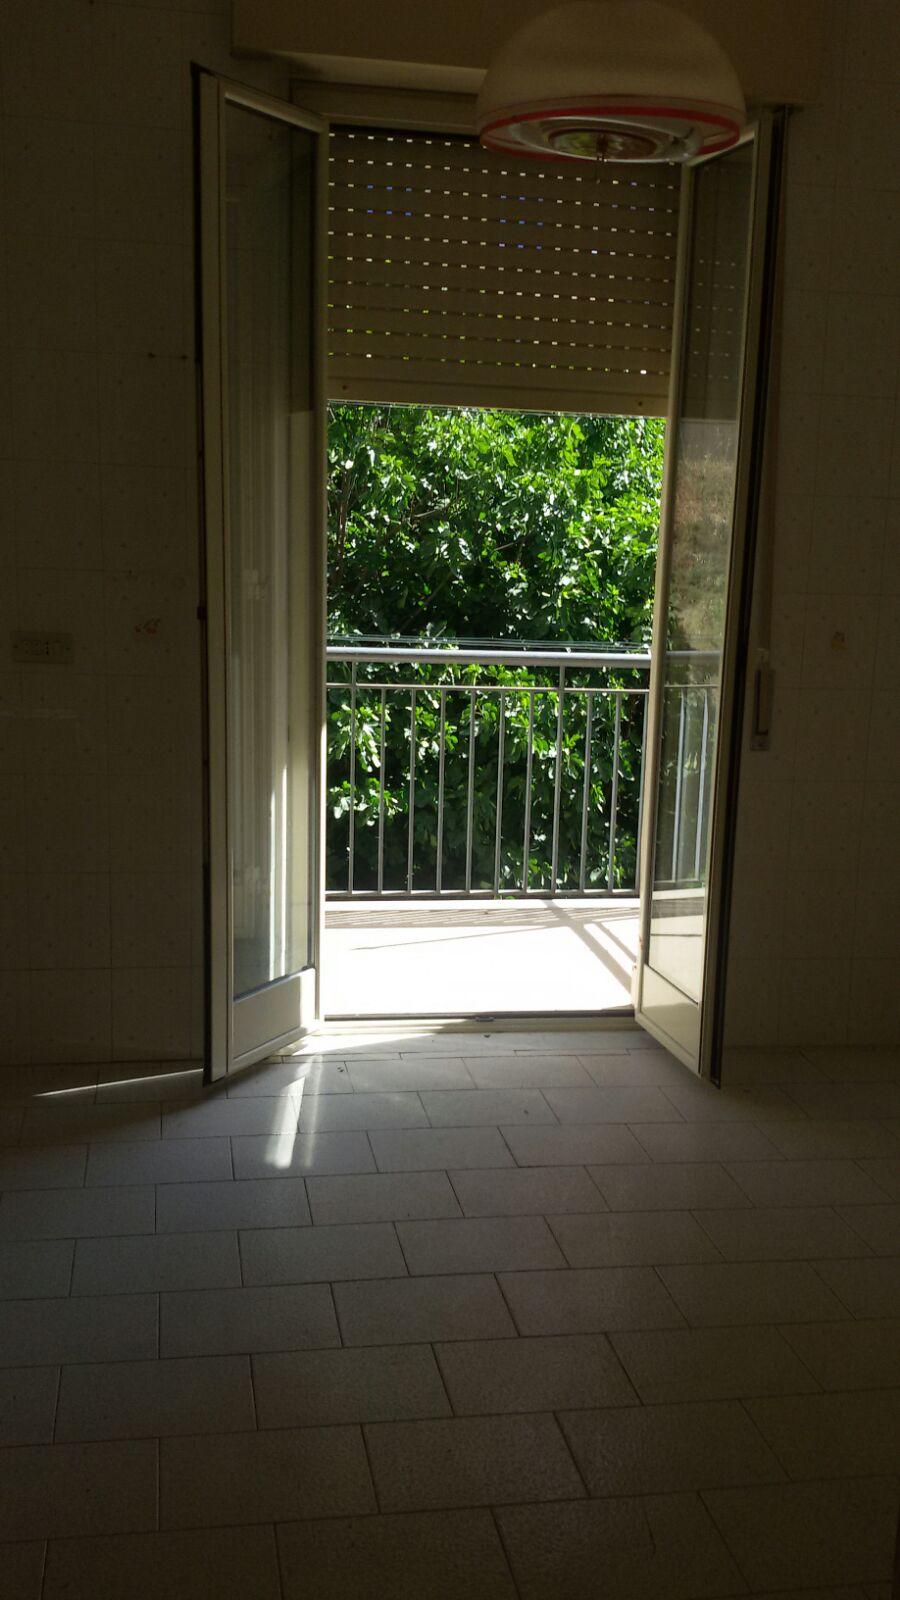 Appartamento in vendita a Agrigento, 5 locali, zona Zona: Centro, prezzo € 140.000   CambioCasa.it